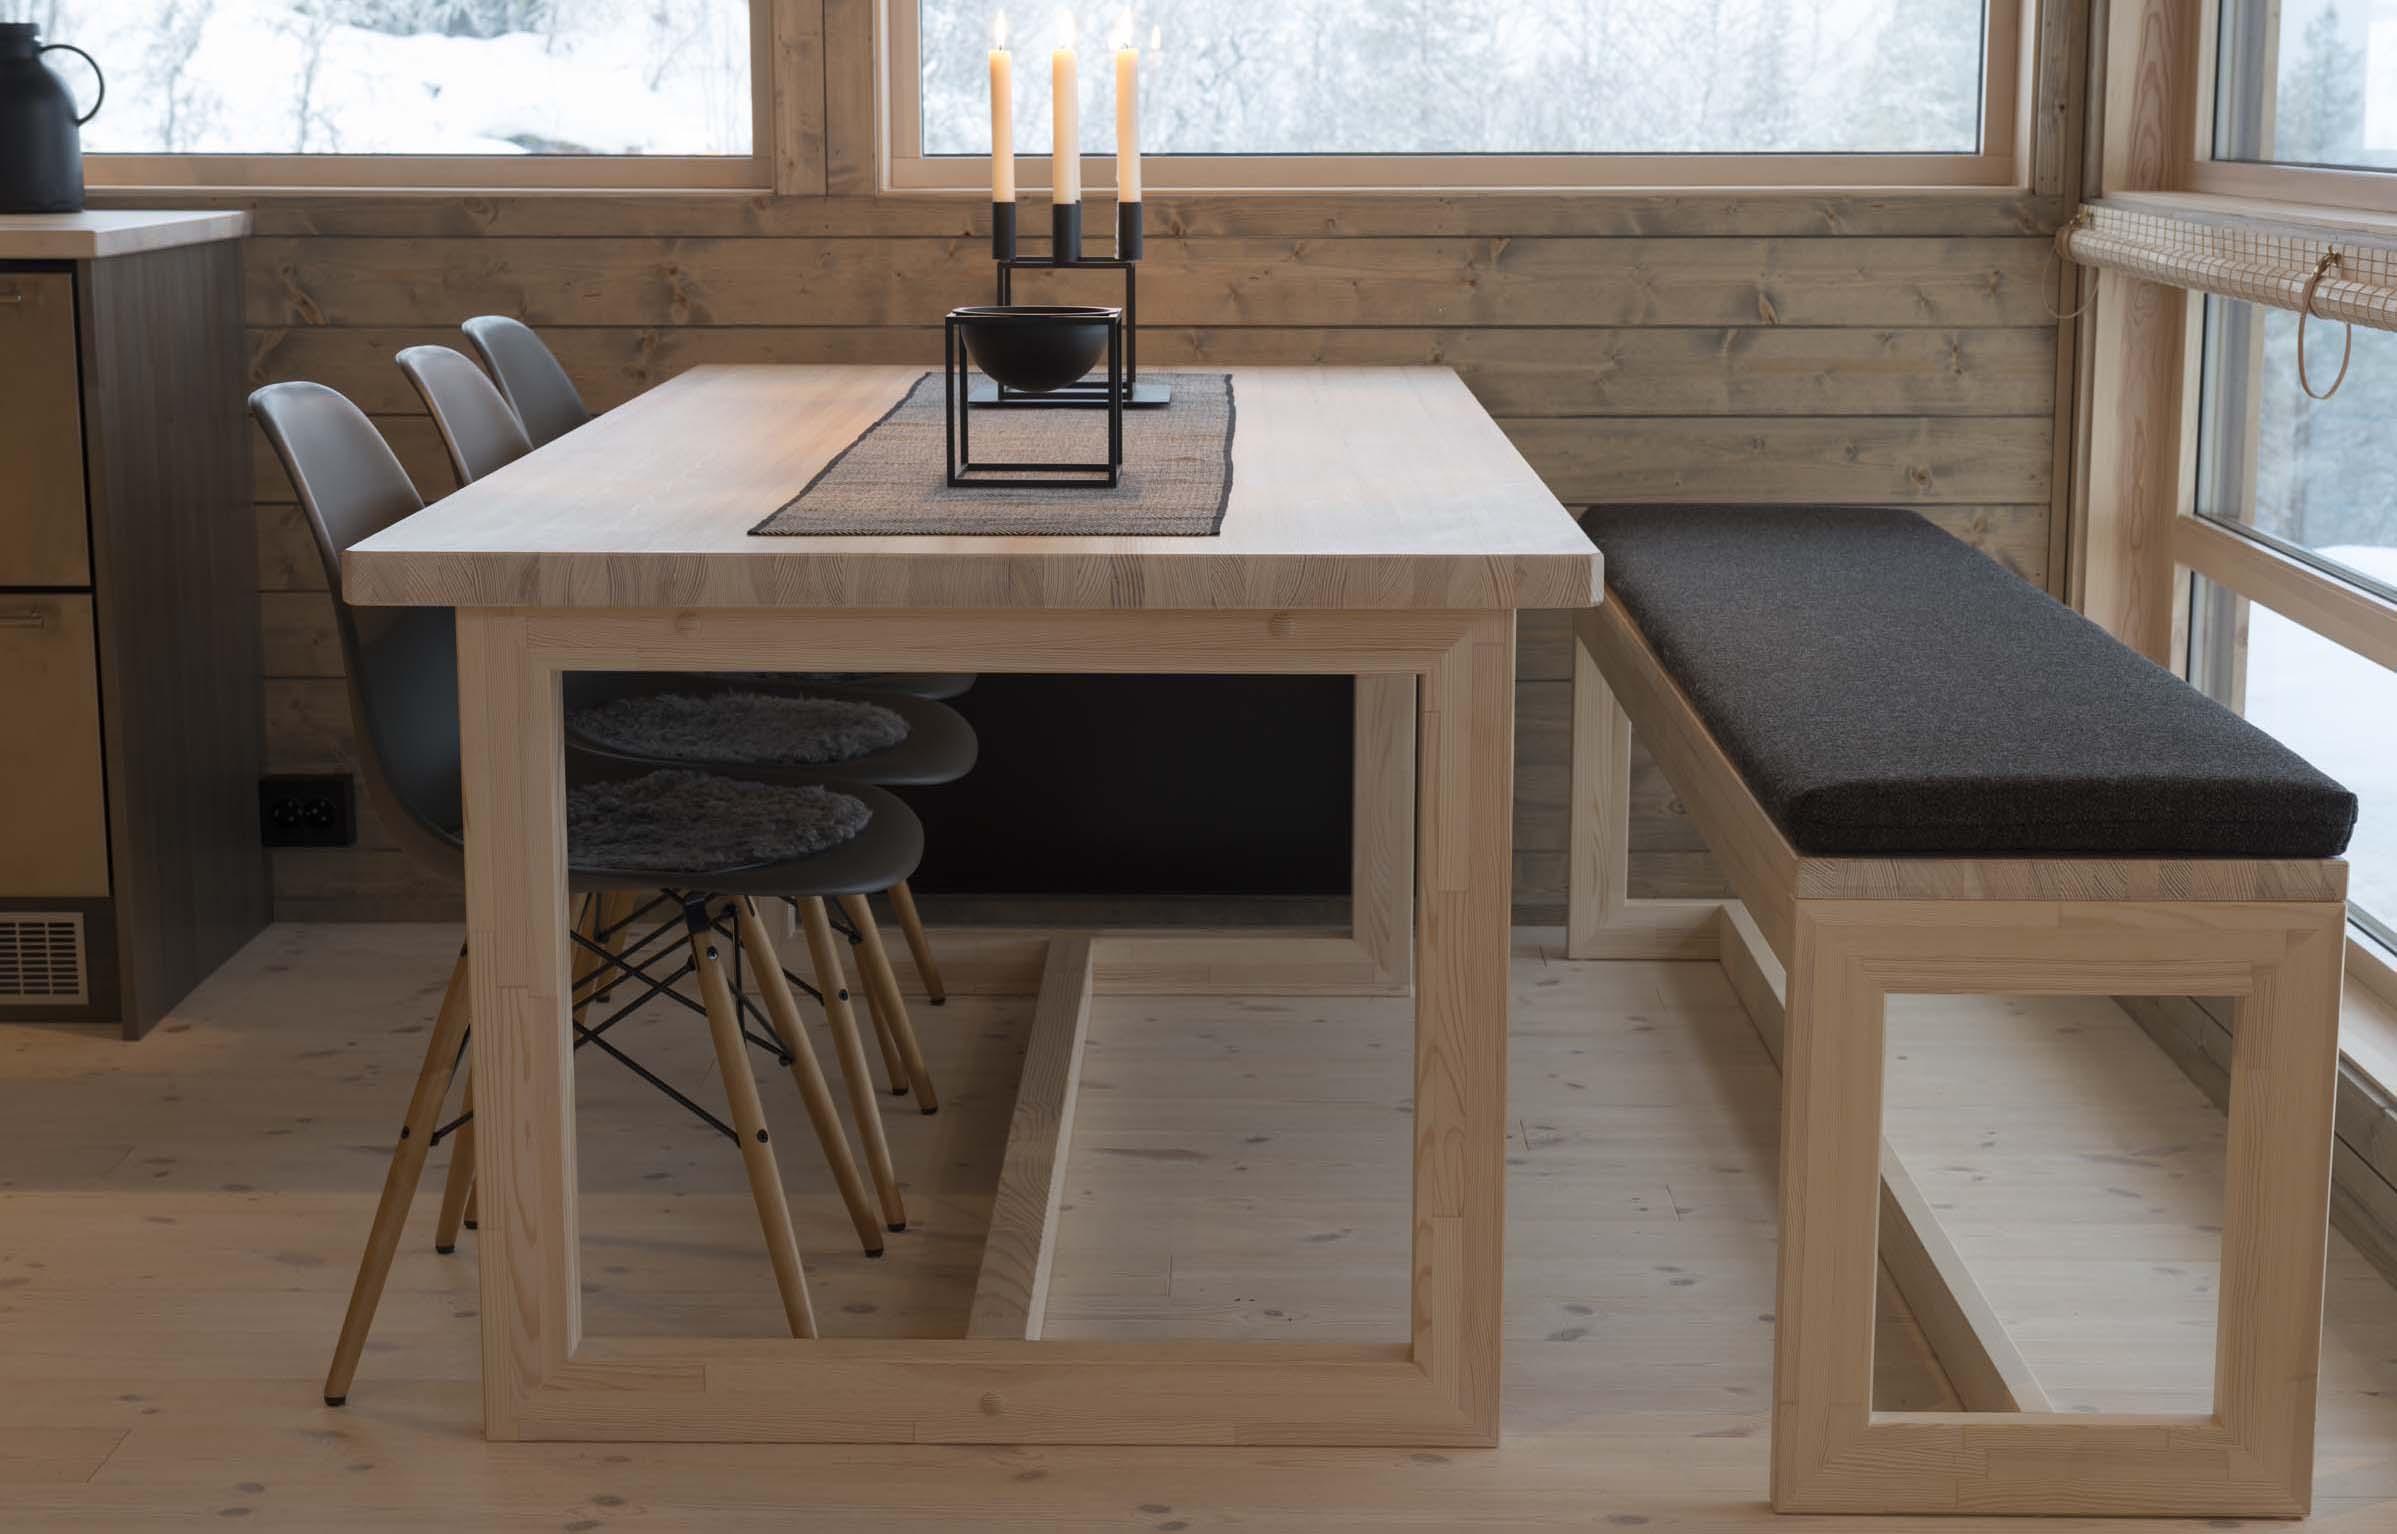 Spisebord og langbenk med pute_D35 Prøvebohytte_Skrindehaugen_36.jpg